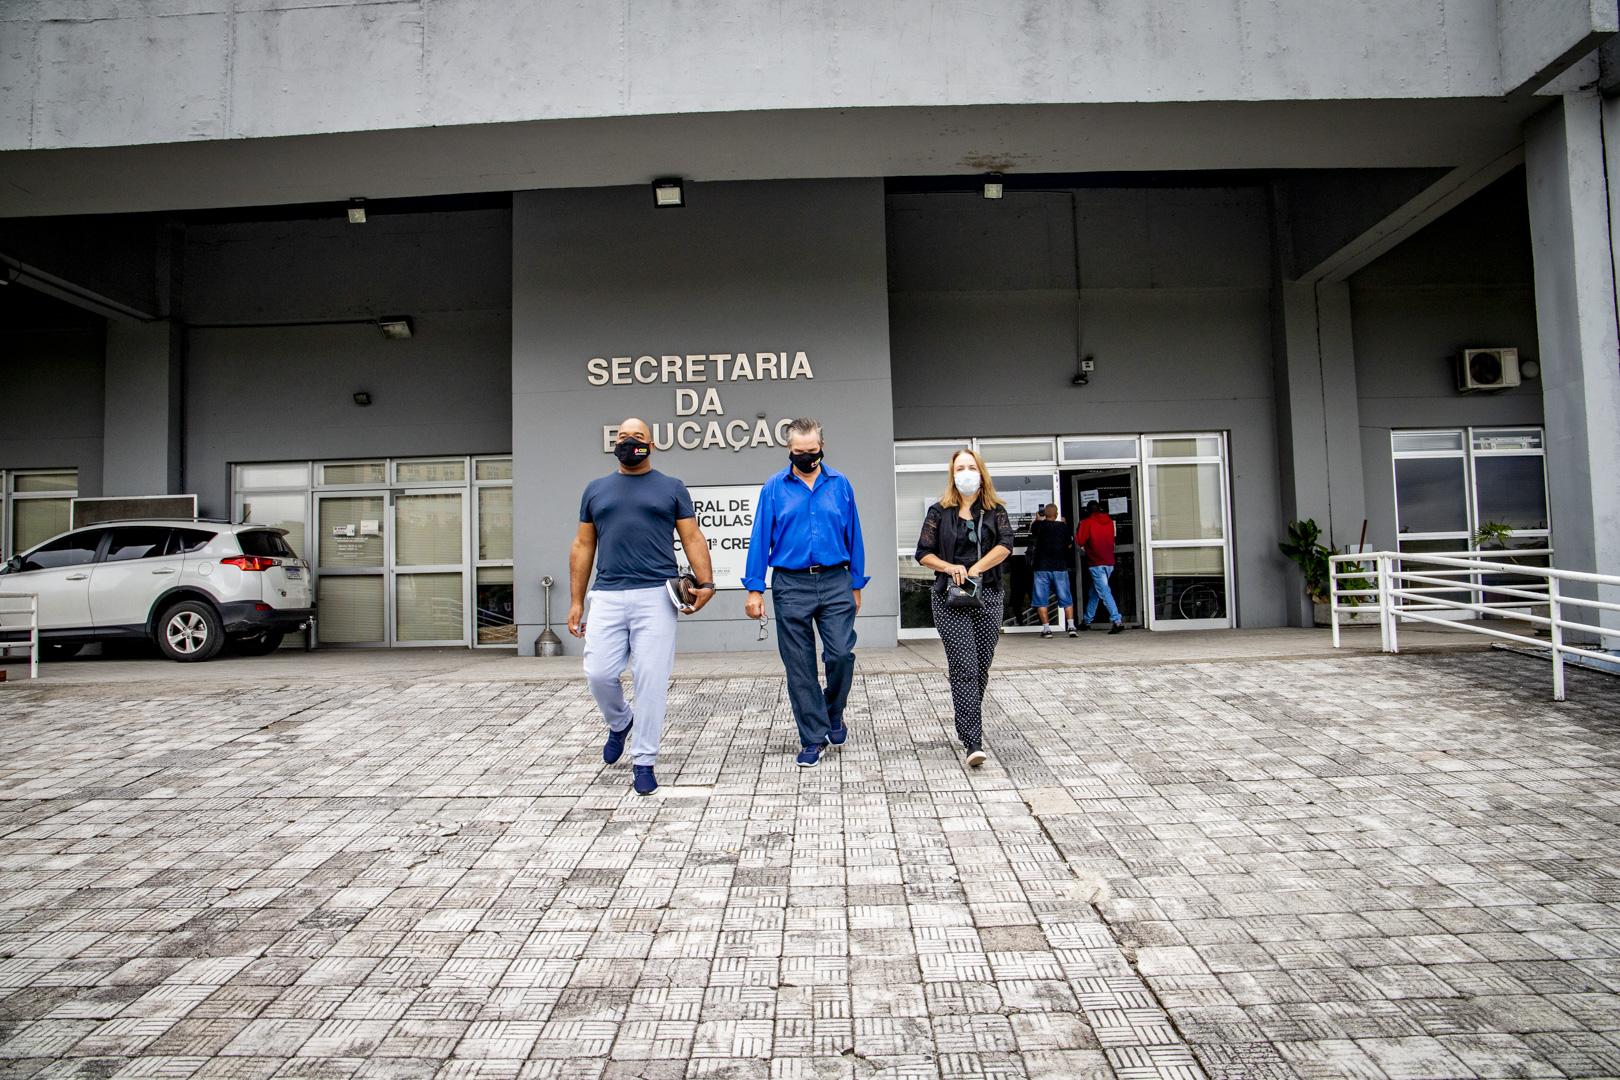 CPERS denuncia desrespeito à autonomia pedagógica e incoerências em plataforma de avaliação da Seduc